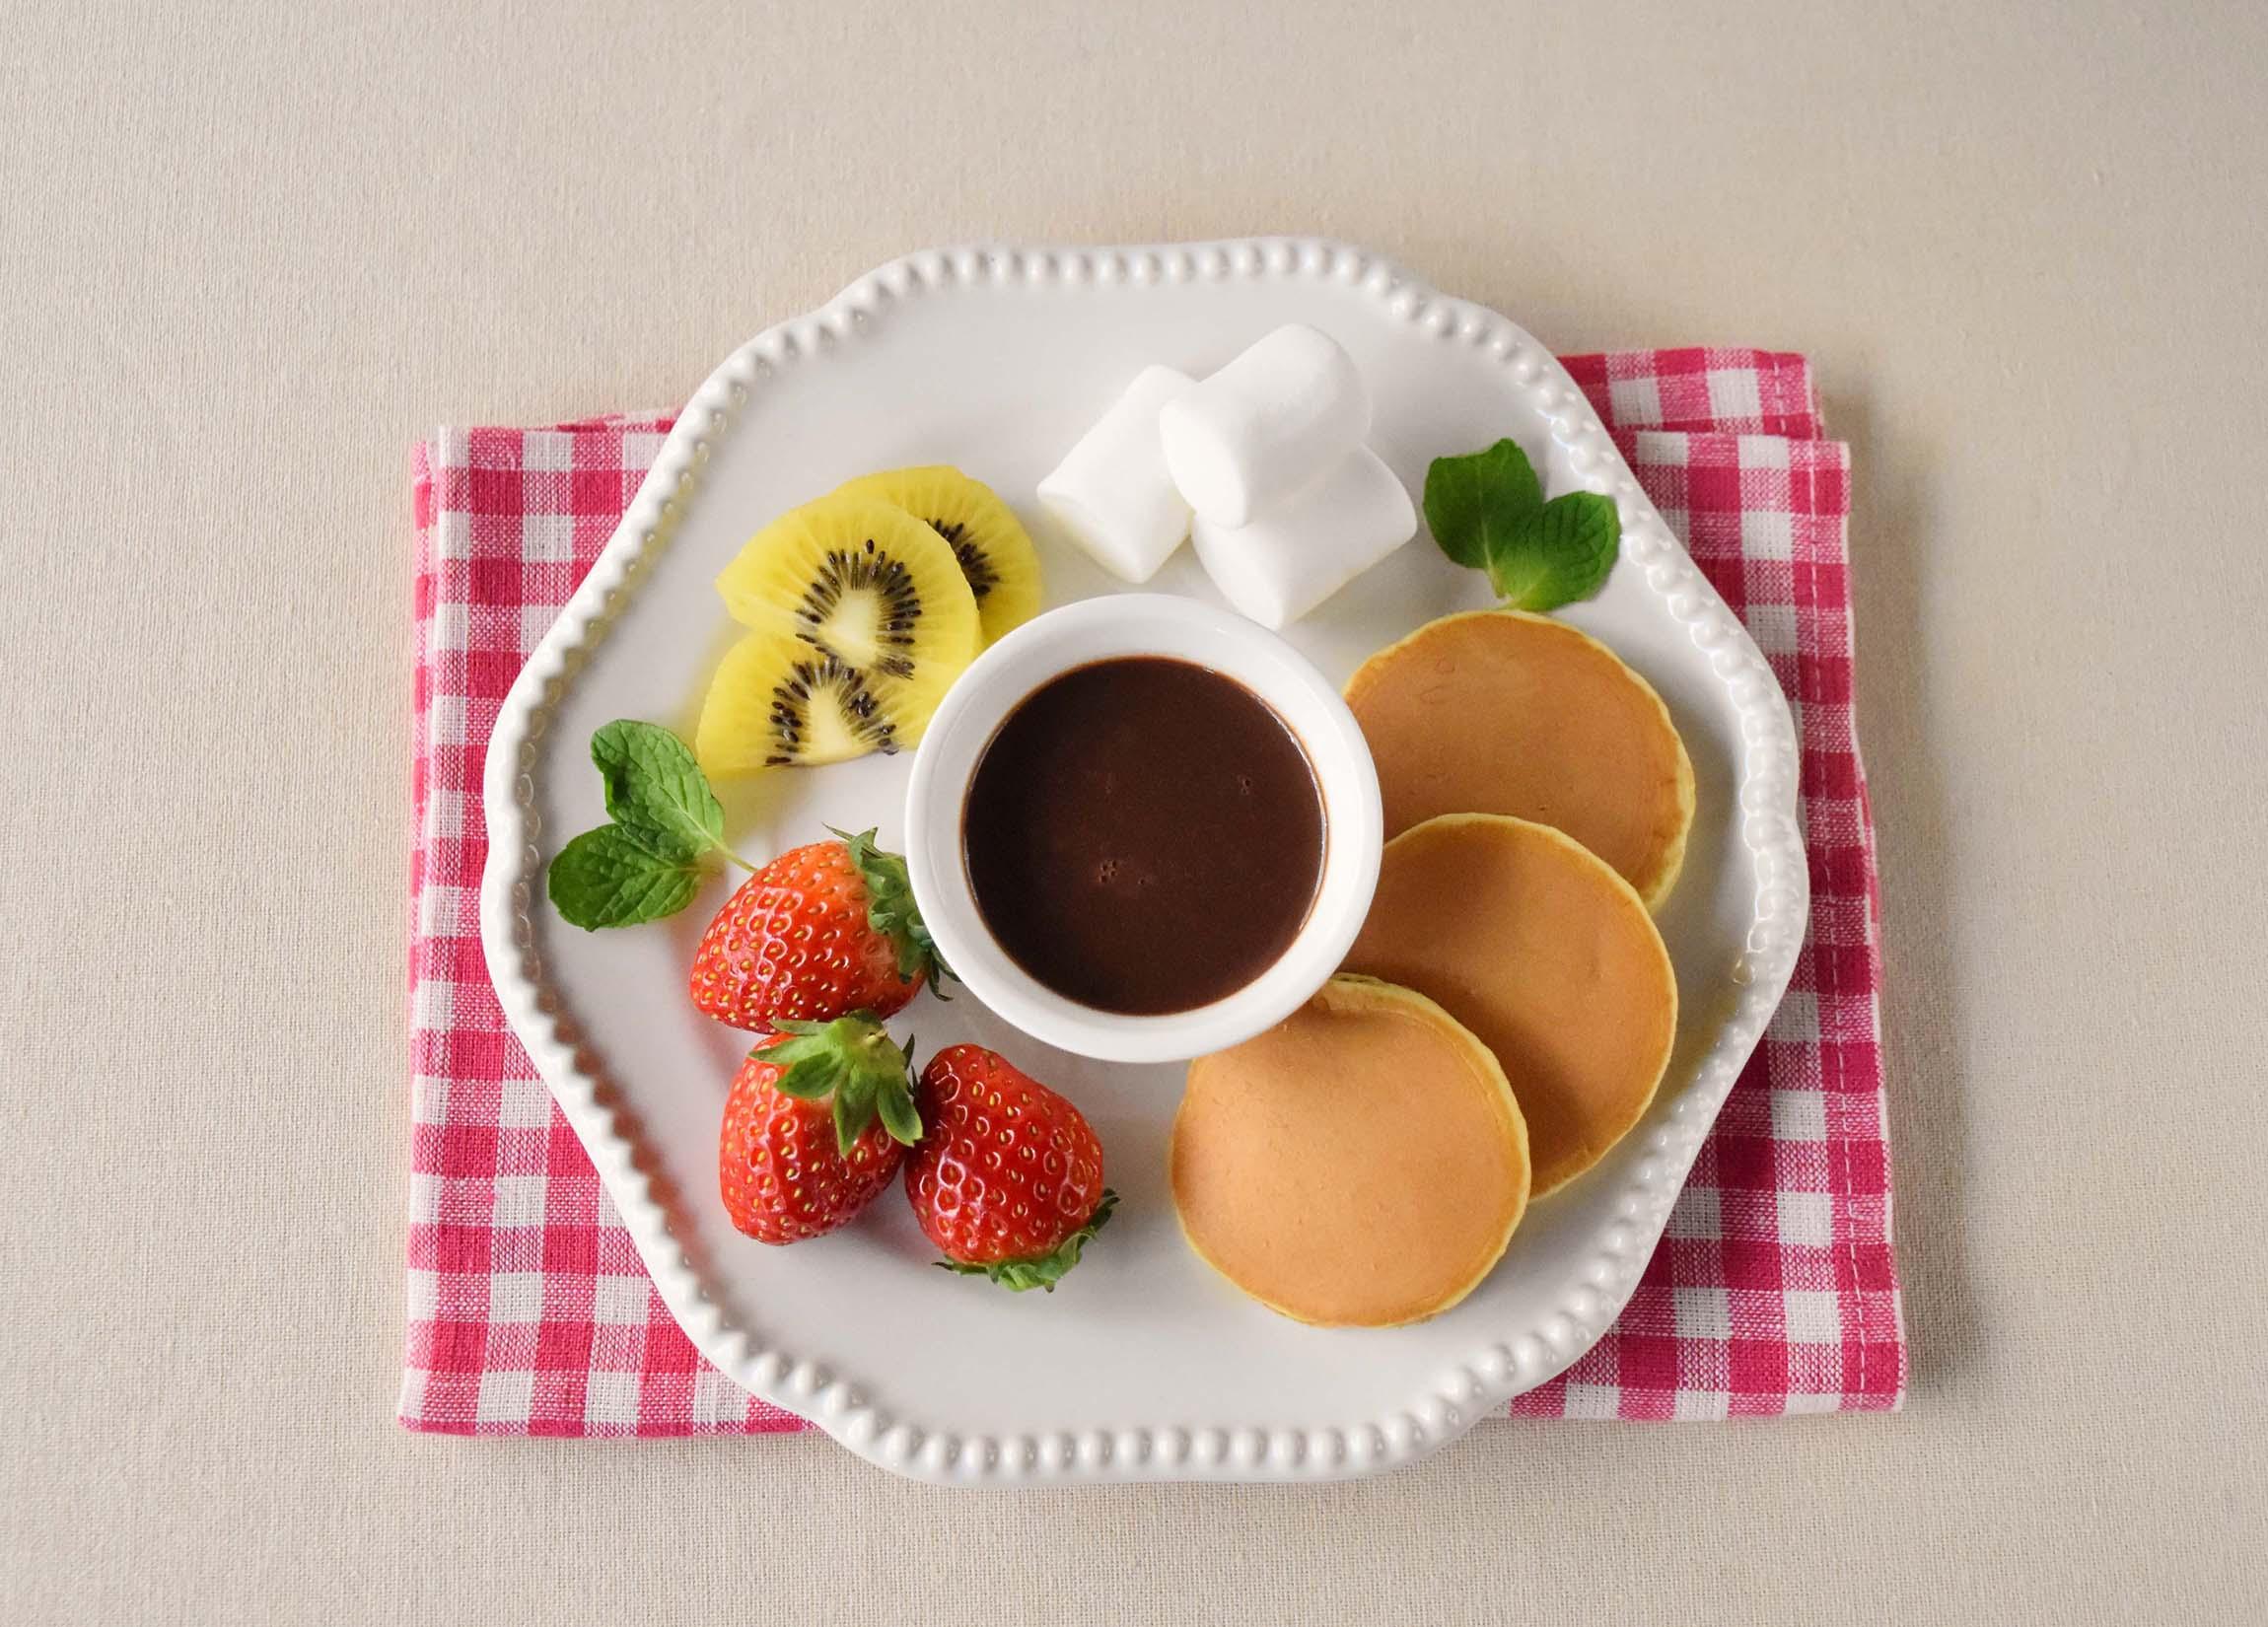 豆乳チョコフォンデュ(豆乳パンケーキ添え)